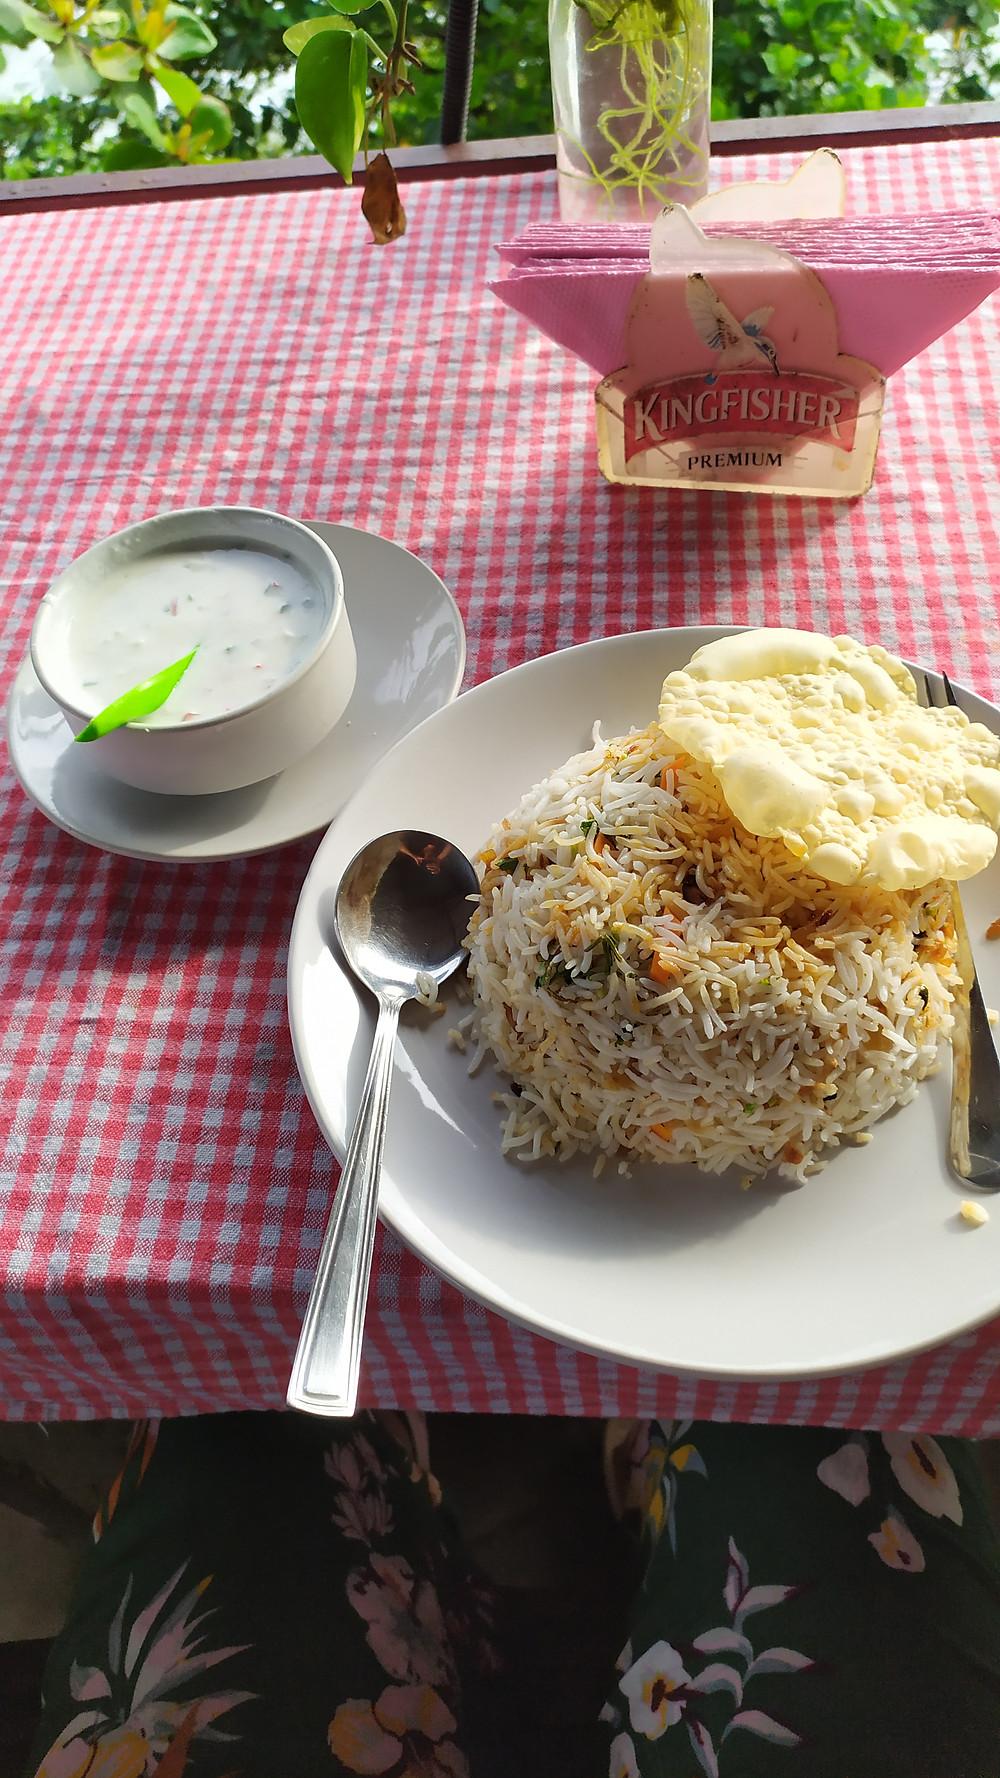 ביריאני במסעדה בוורקלה על הצוק, מאכל אורז עם בשר או דגים טעים בטרוף